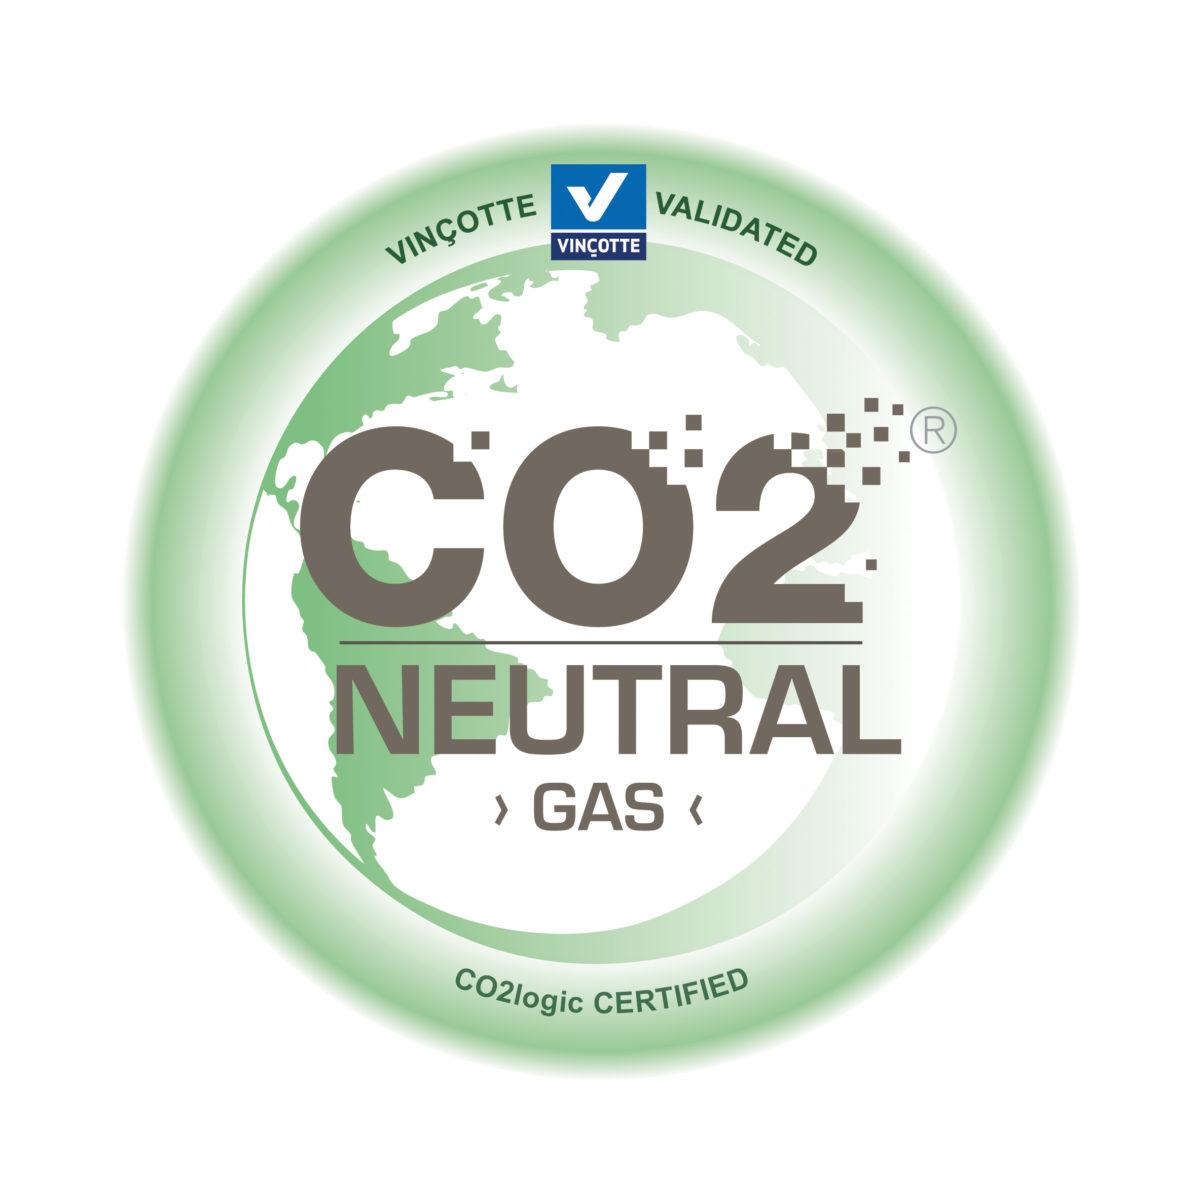 CO2 Neutral Gas